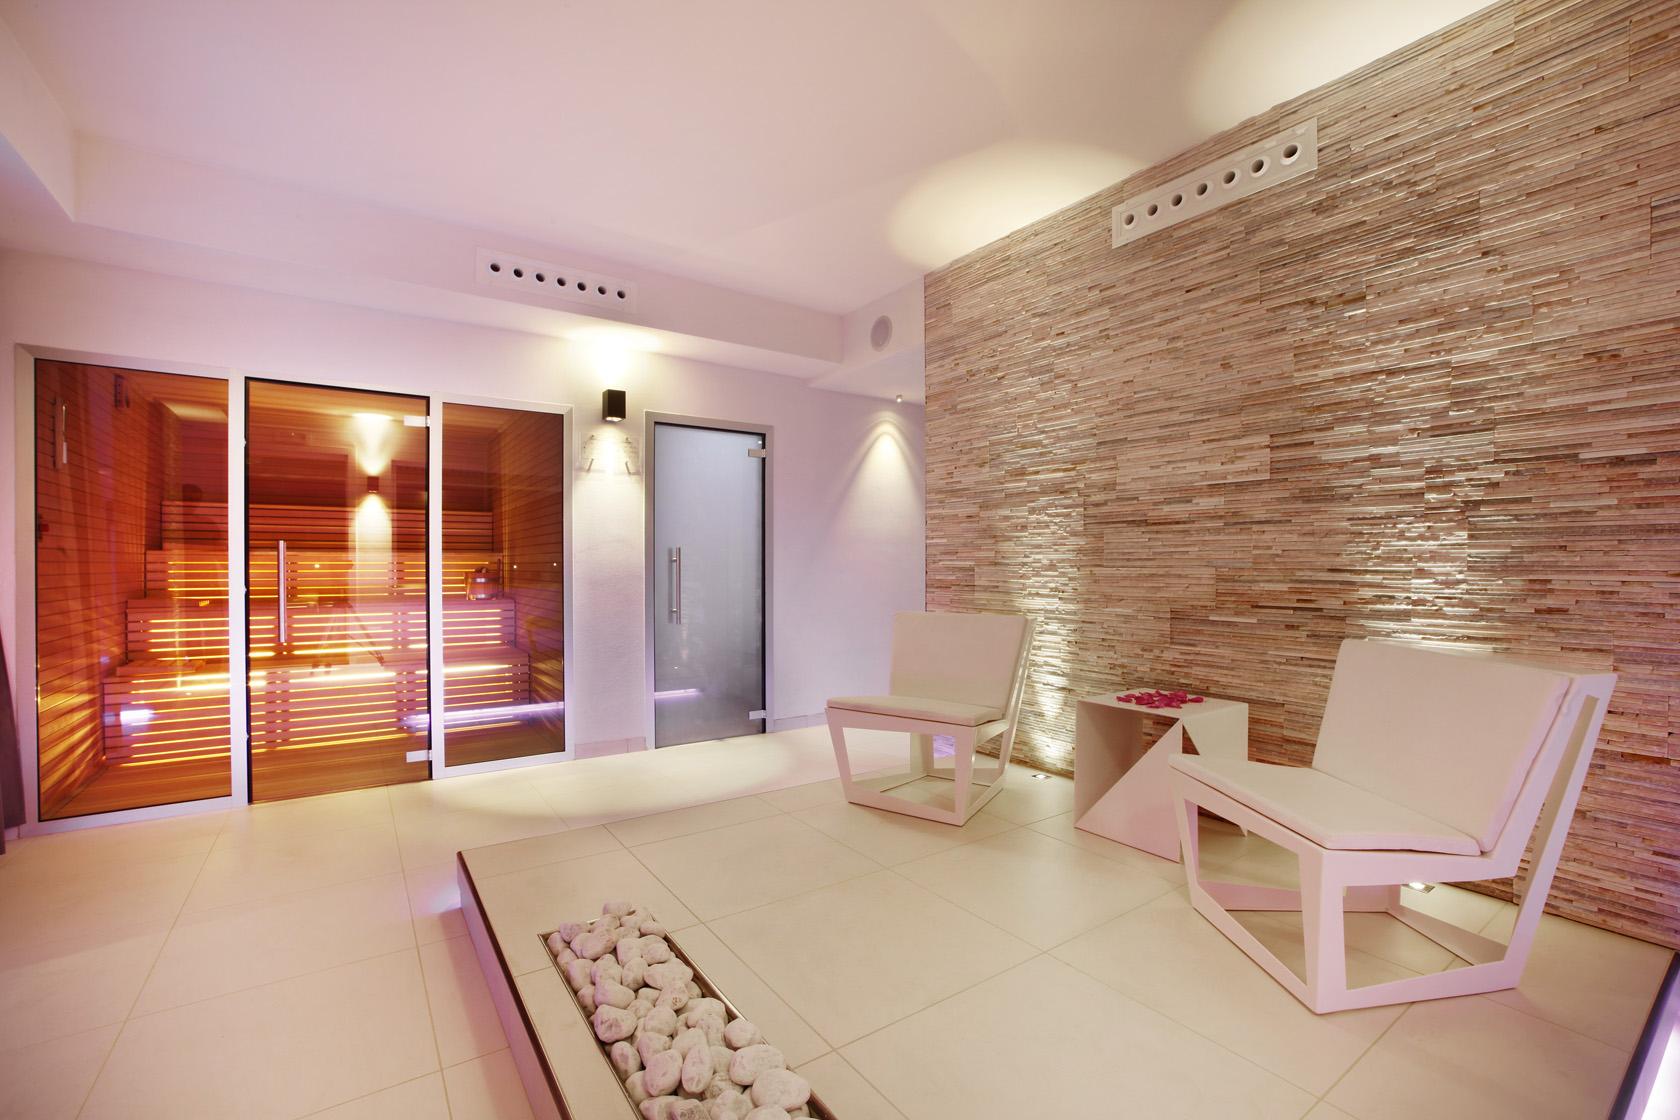 spa area umida - hotel parigi 2 - Zona Migliore Soggiorno Parigi 2